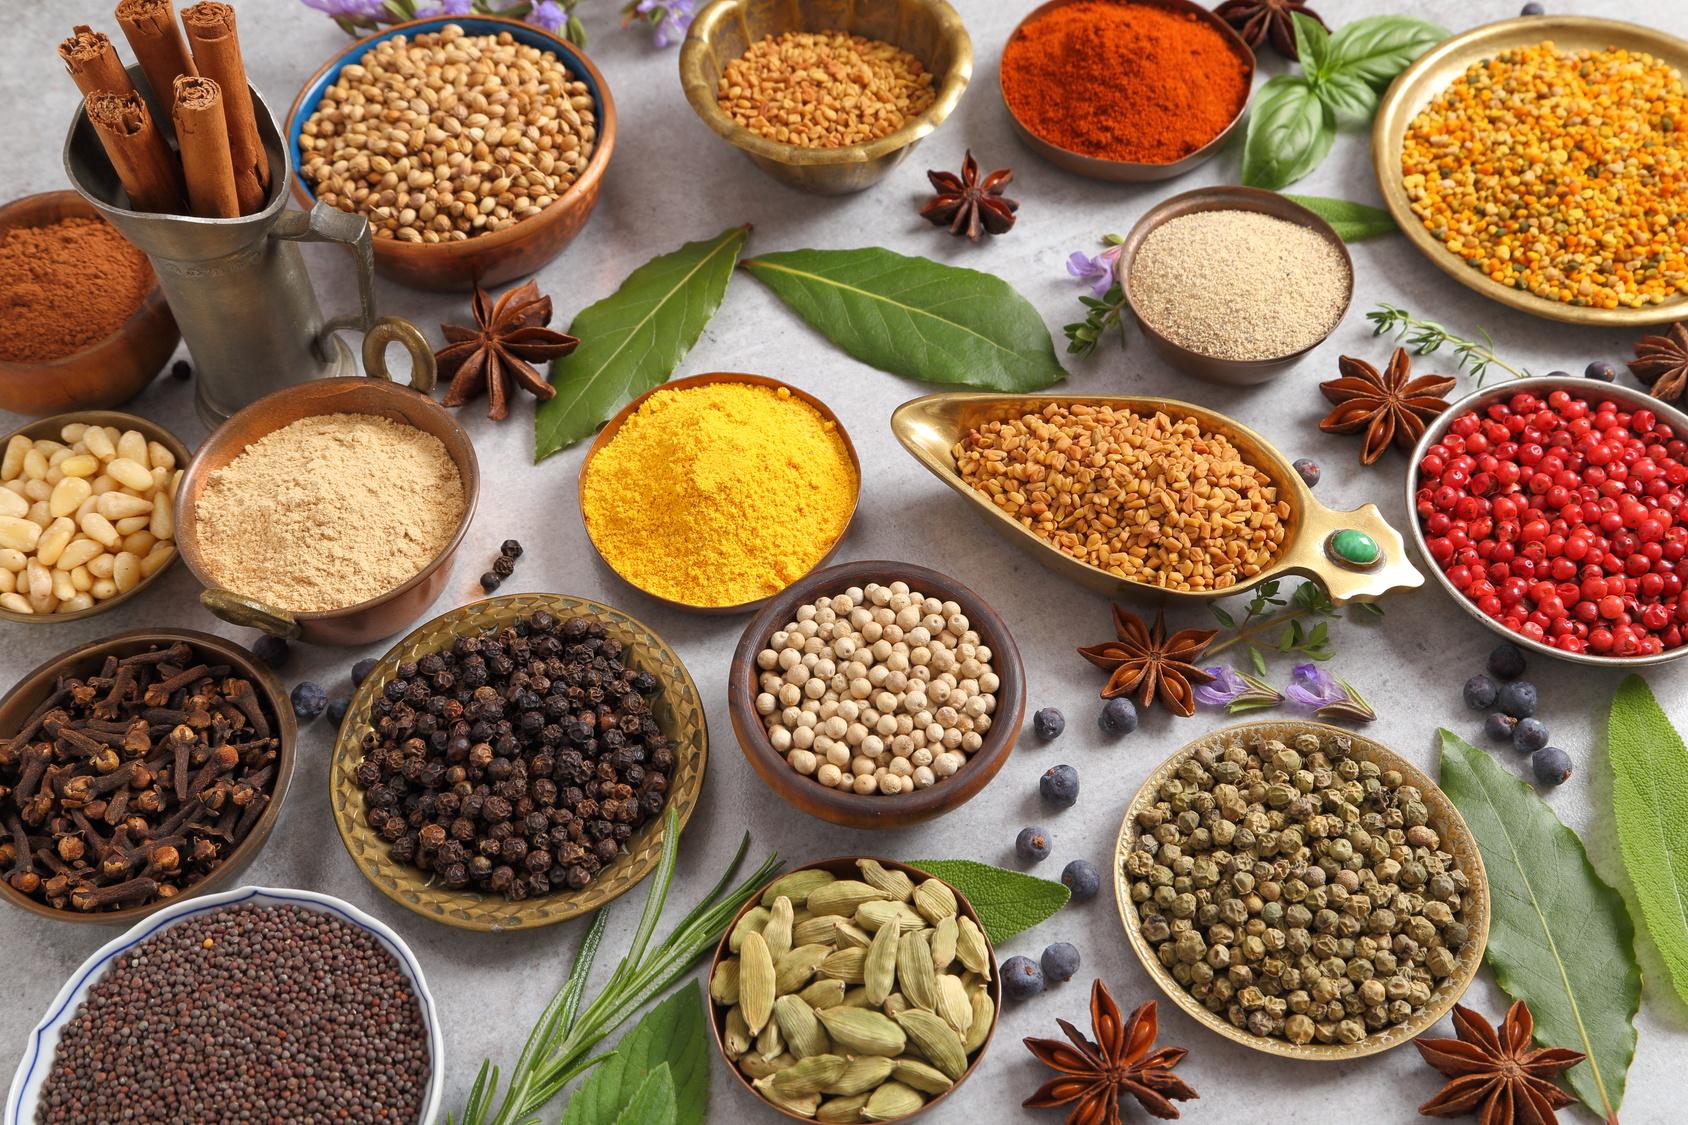 Epices 2 et assaisonnements Unilever Nutrition